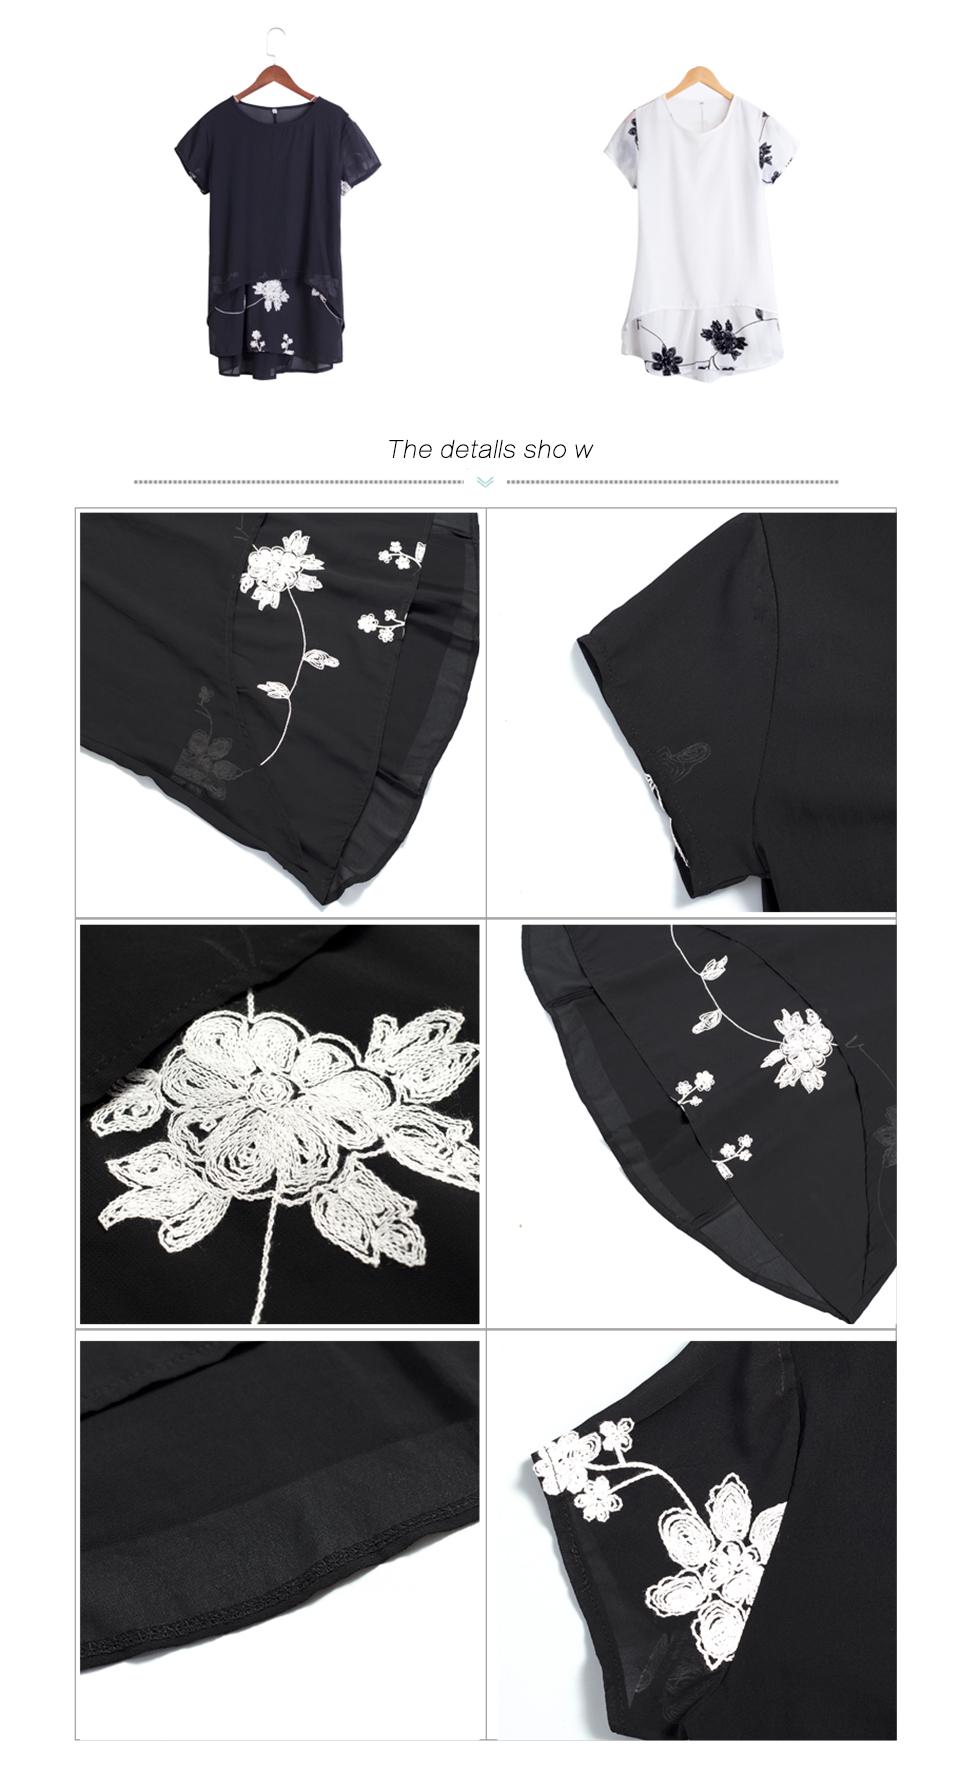 HTB1IyeVRFXXXXXRaXXXq6xXFXXXA - Plus Size 5XL Chiffon Blouse Women Clothing Loose Short Sleeve